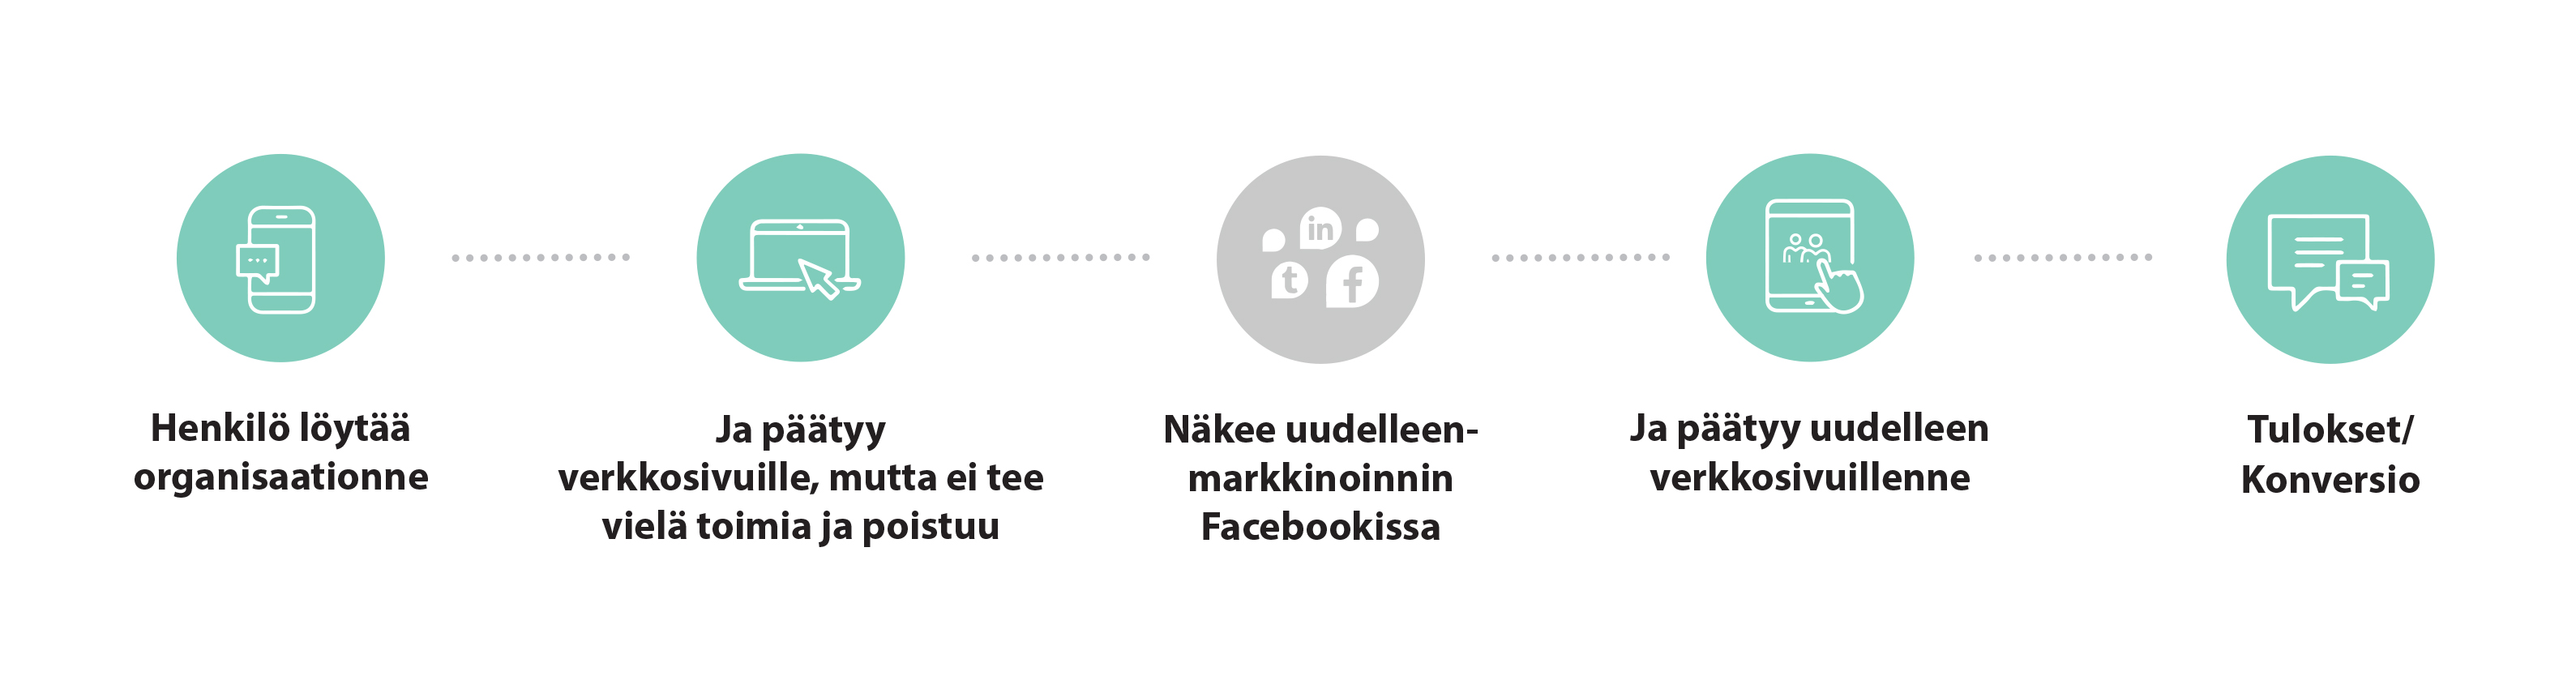 Facebook uudelleenmarkkinointi